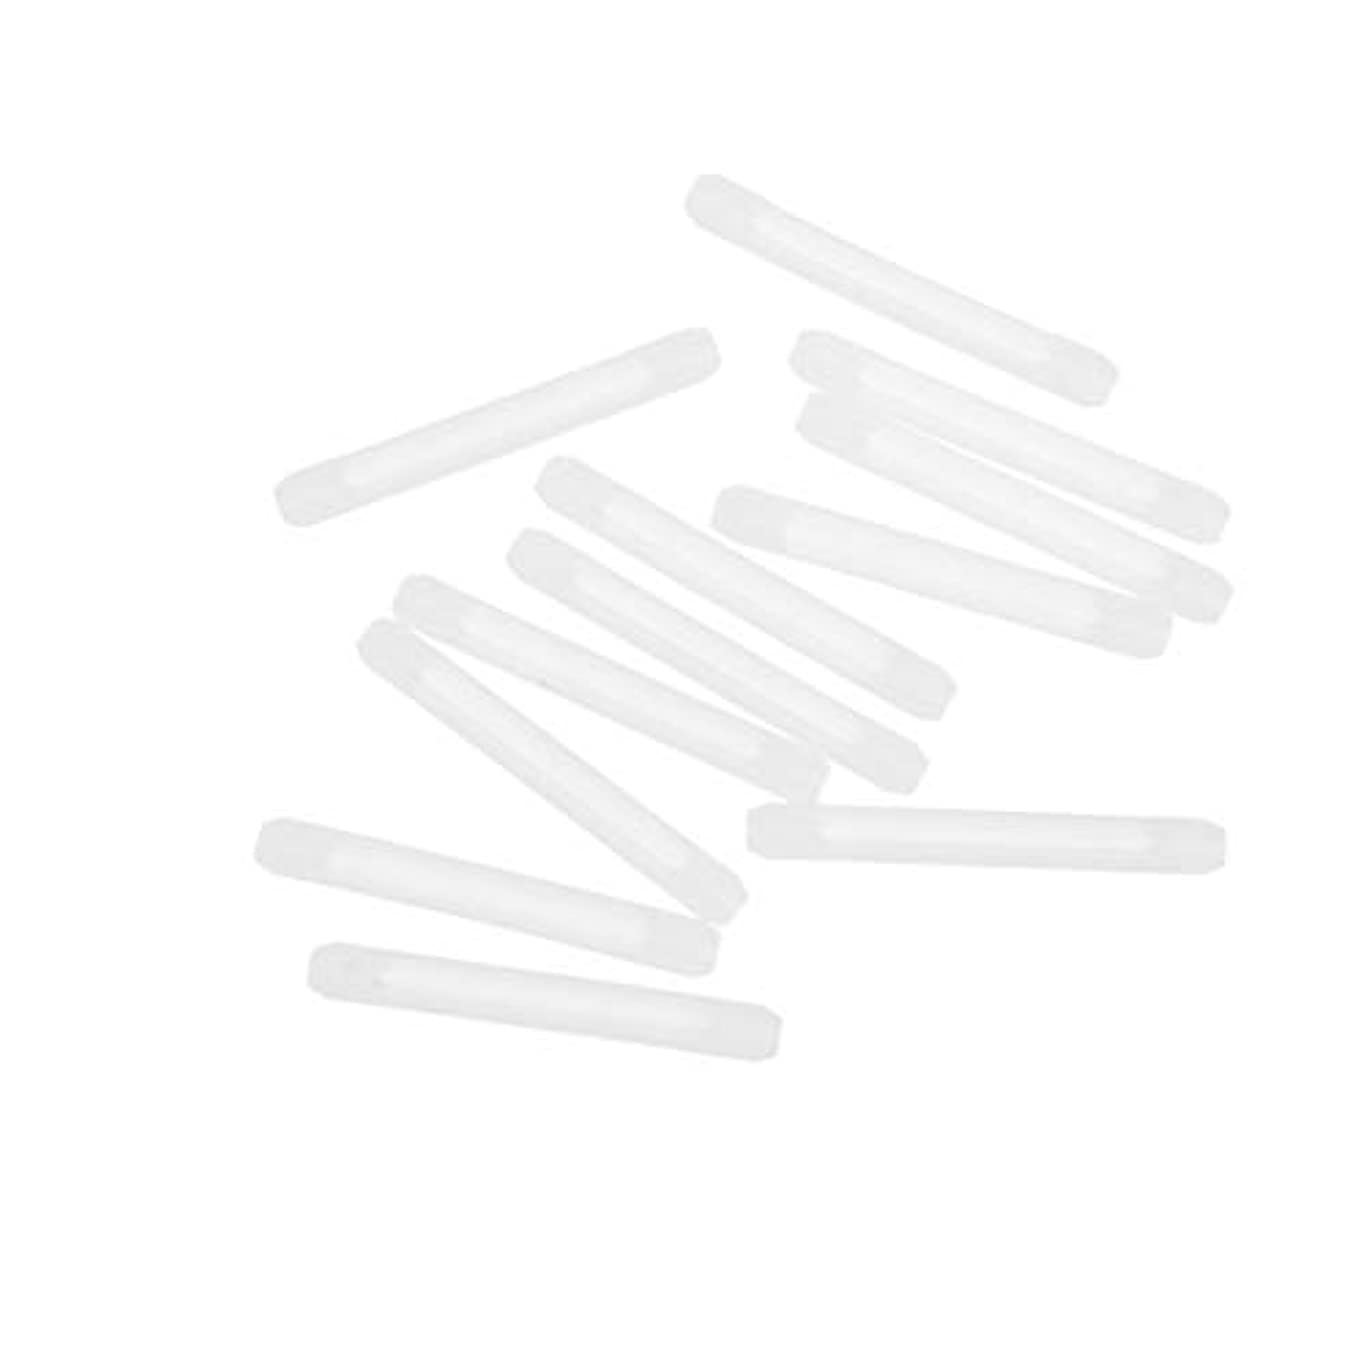 バラエティ銃文庫本Healifty メガネホルダー滑り止めシリコンメガネアクセサリー20pcs(ホワイト)